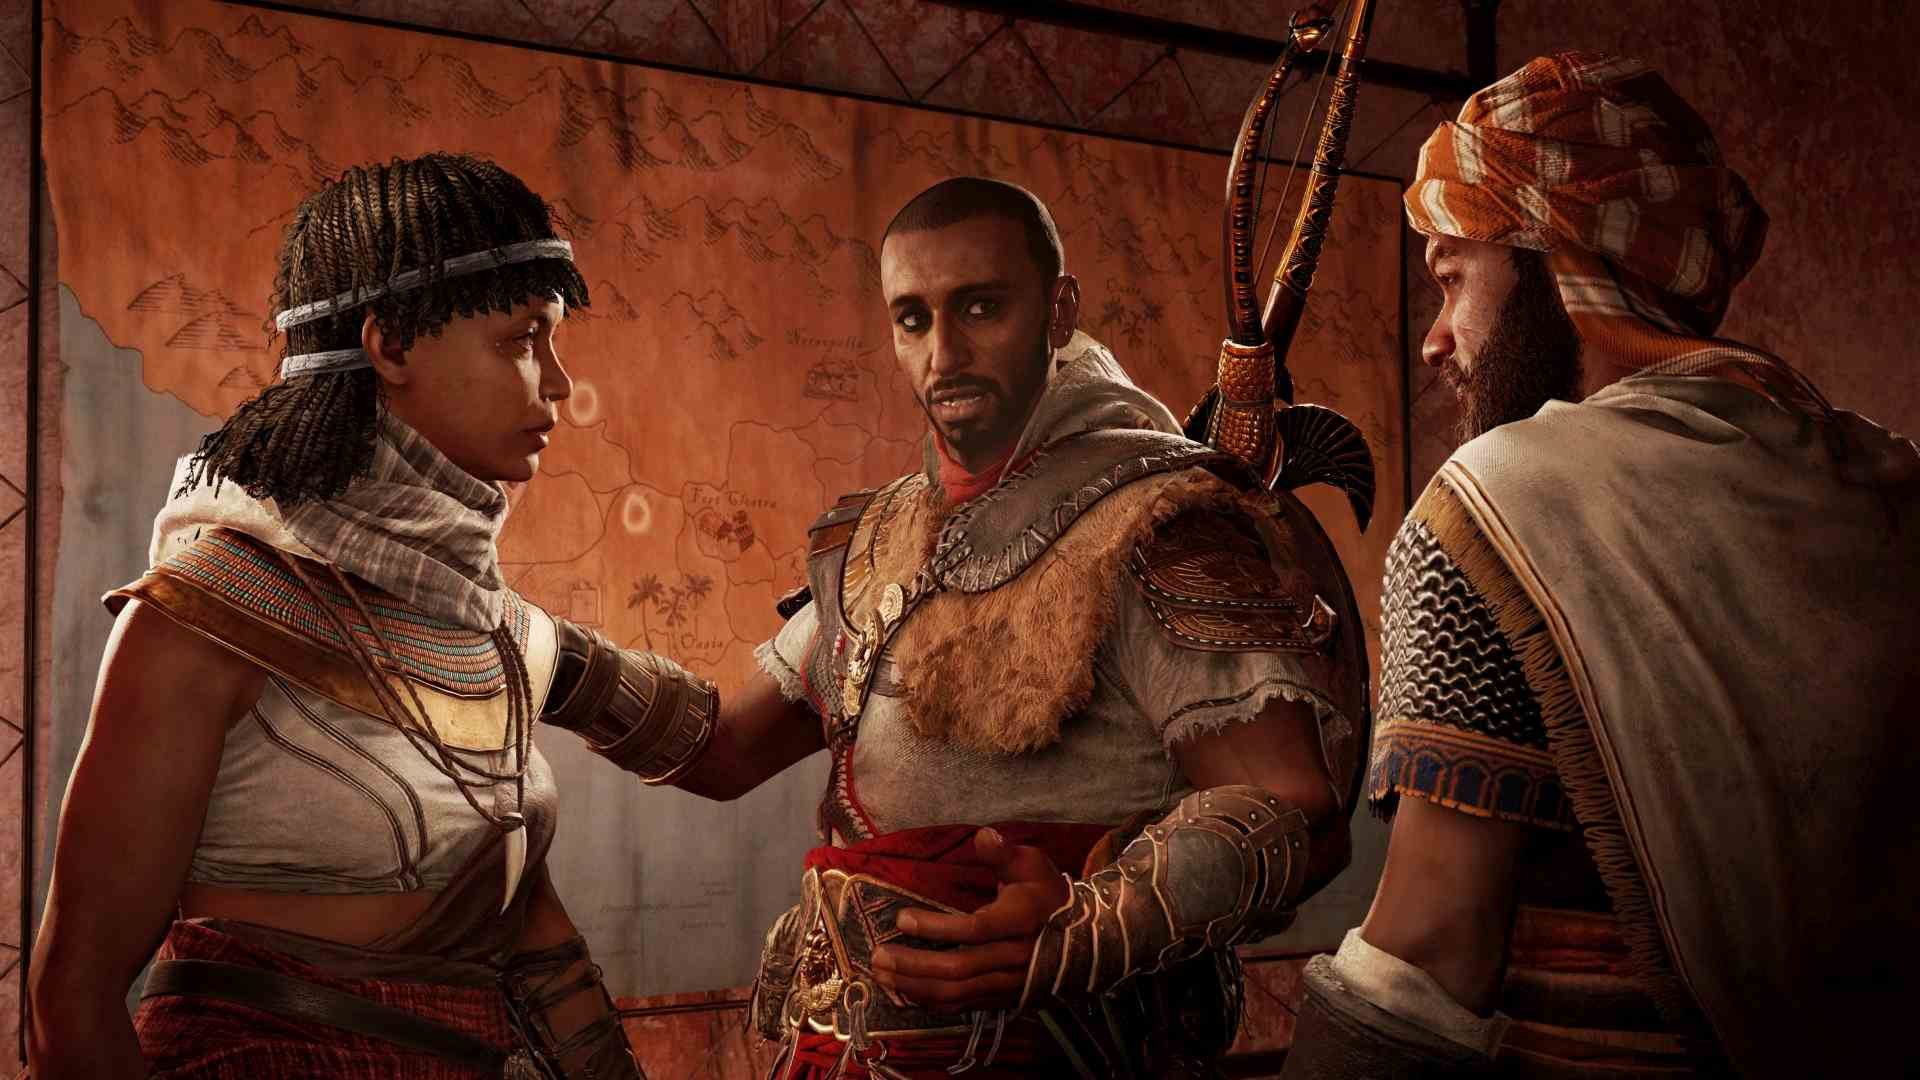 Il prossimo episodio della saga Assassin's Creed potrebbe essere ambientato in Cina?